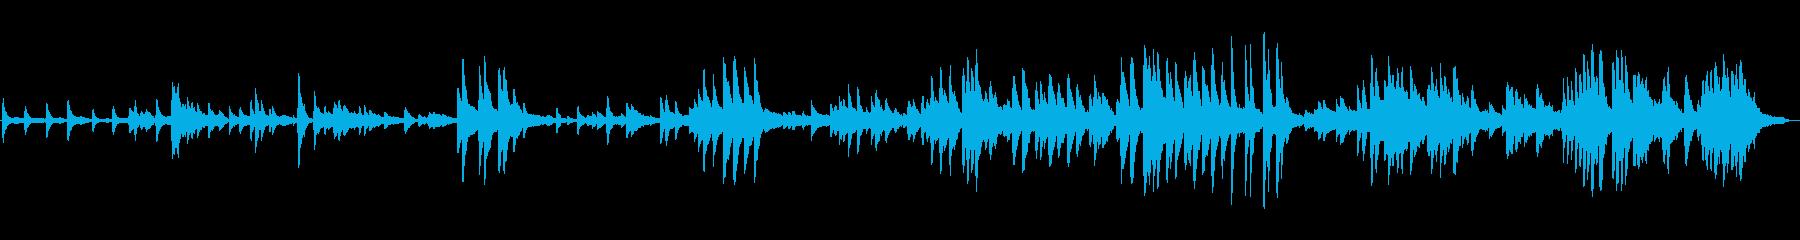 何かに抵抗している雰囲気のピアノ曲の再生済みの波形